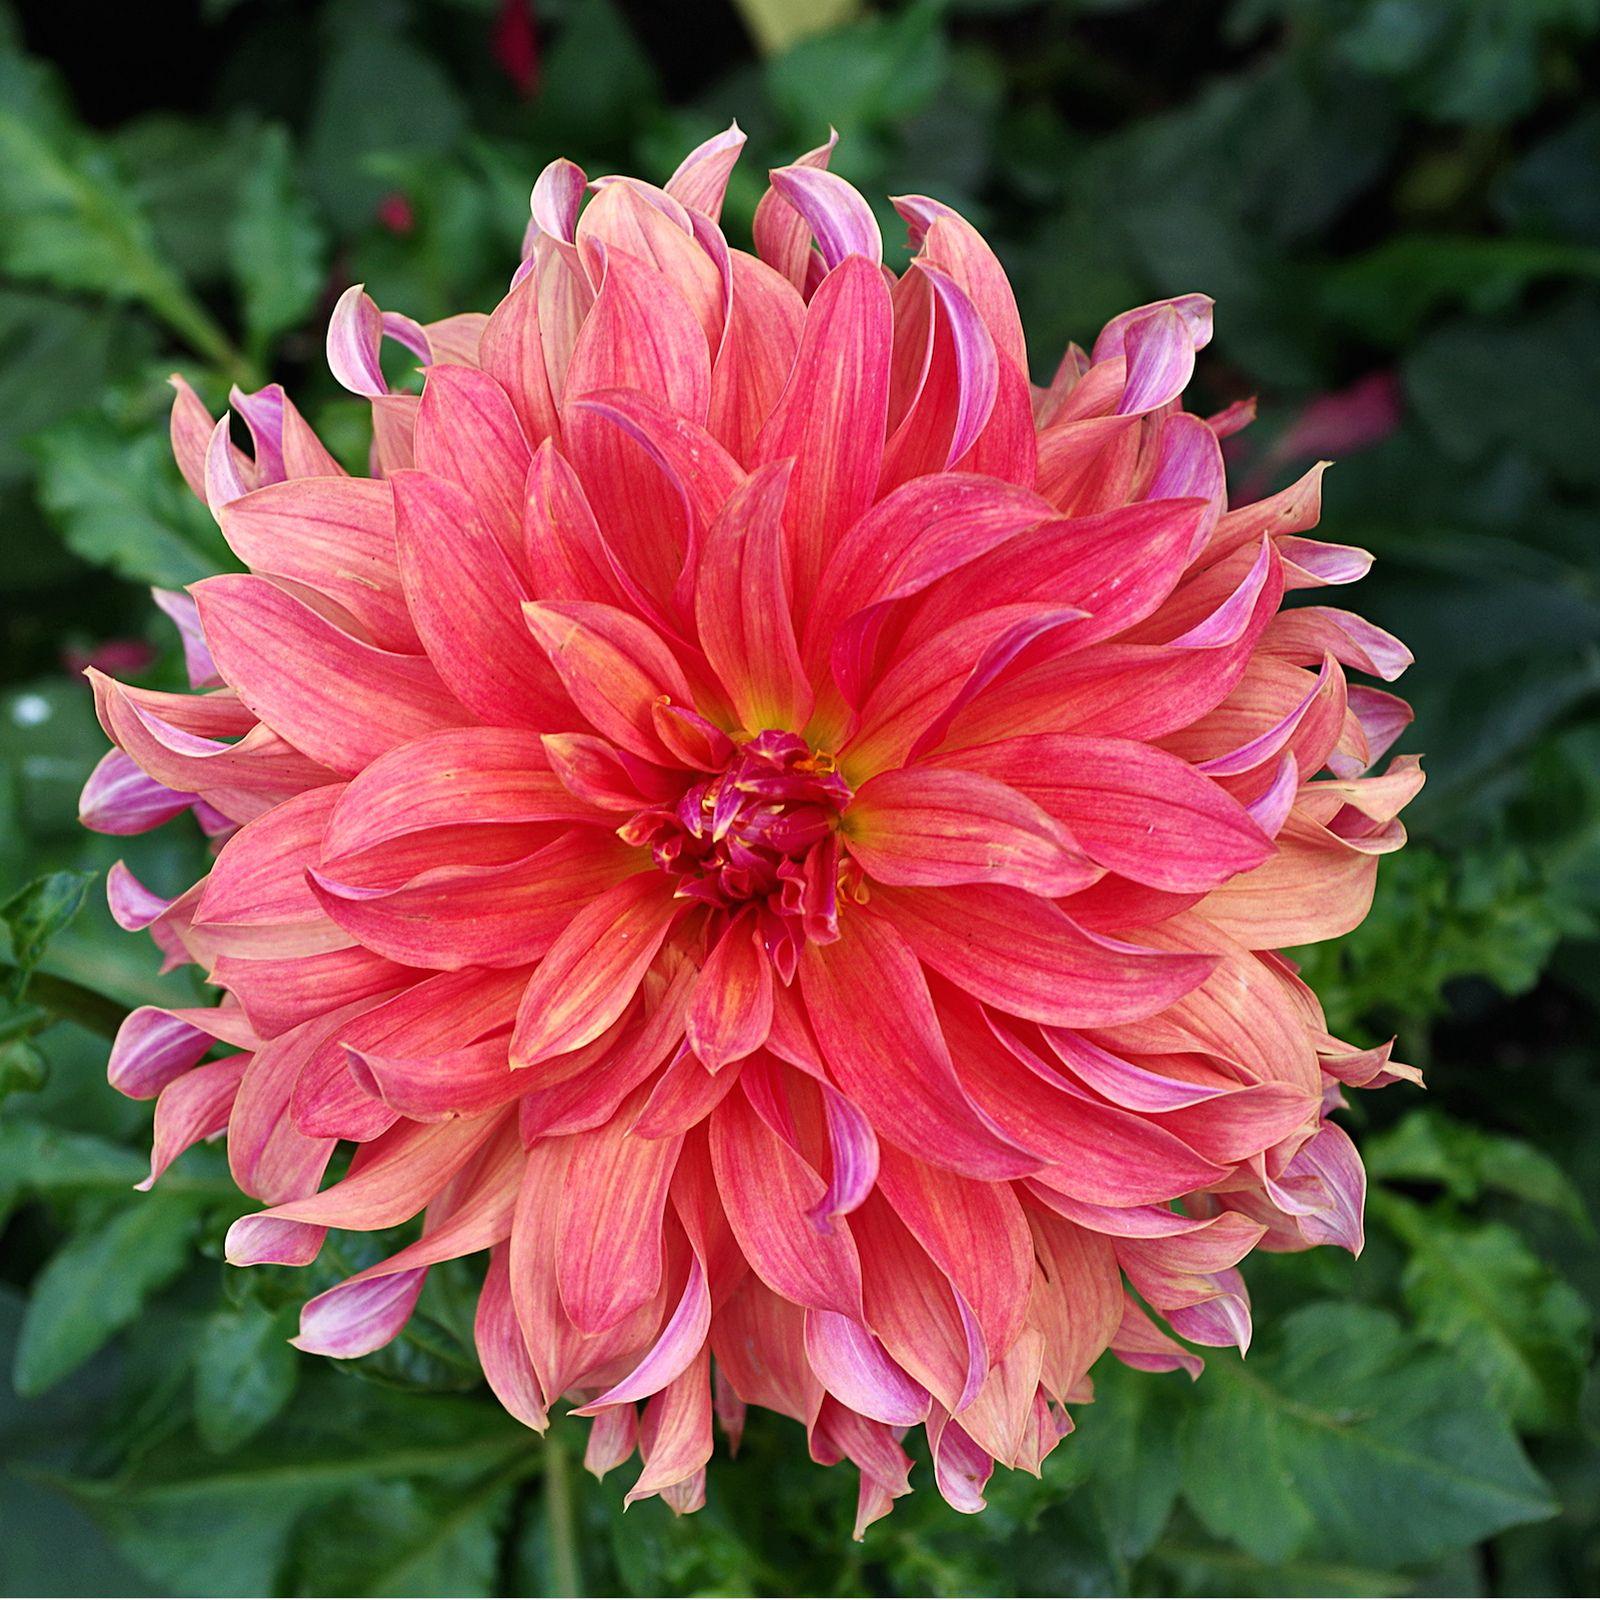 Dahlia Flower In Fiery Sunset Shades Flores Exoticas Dalias Flor De Dalia